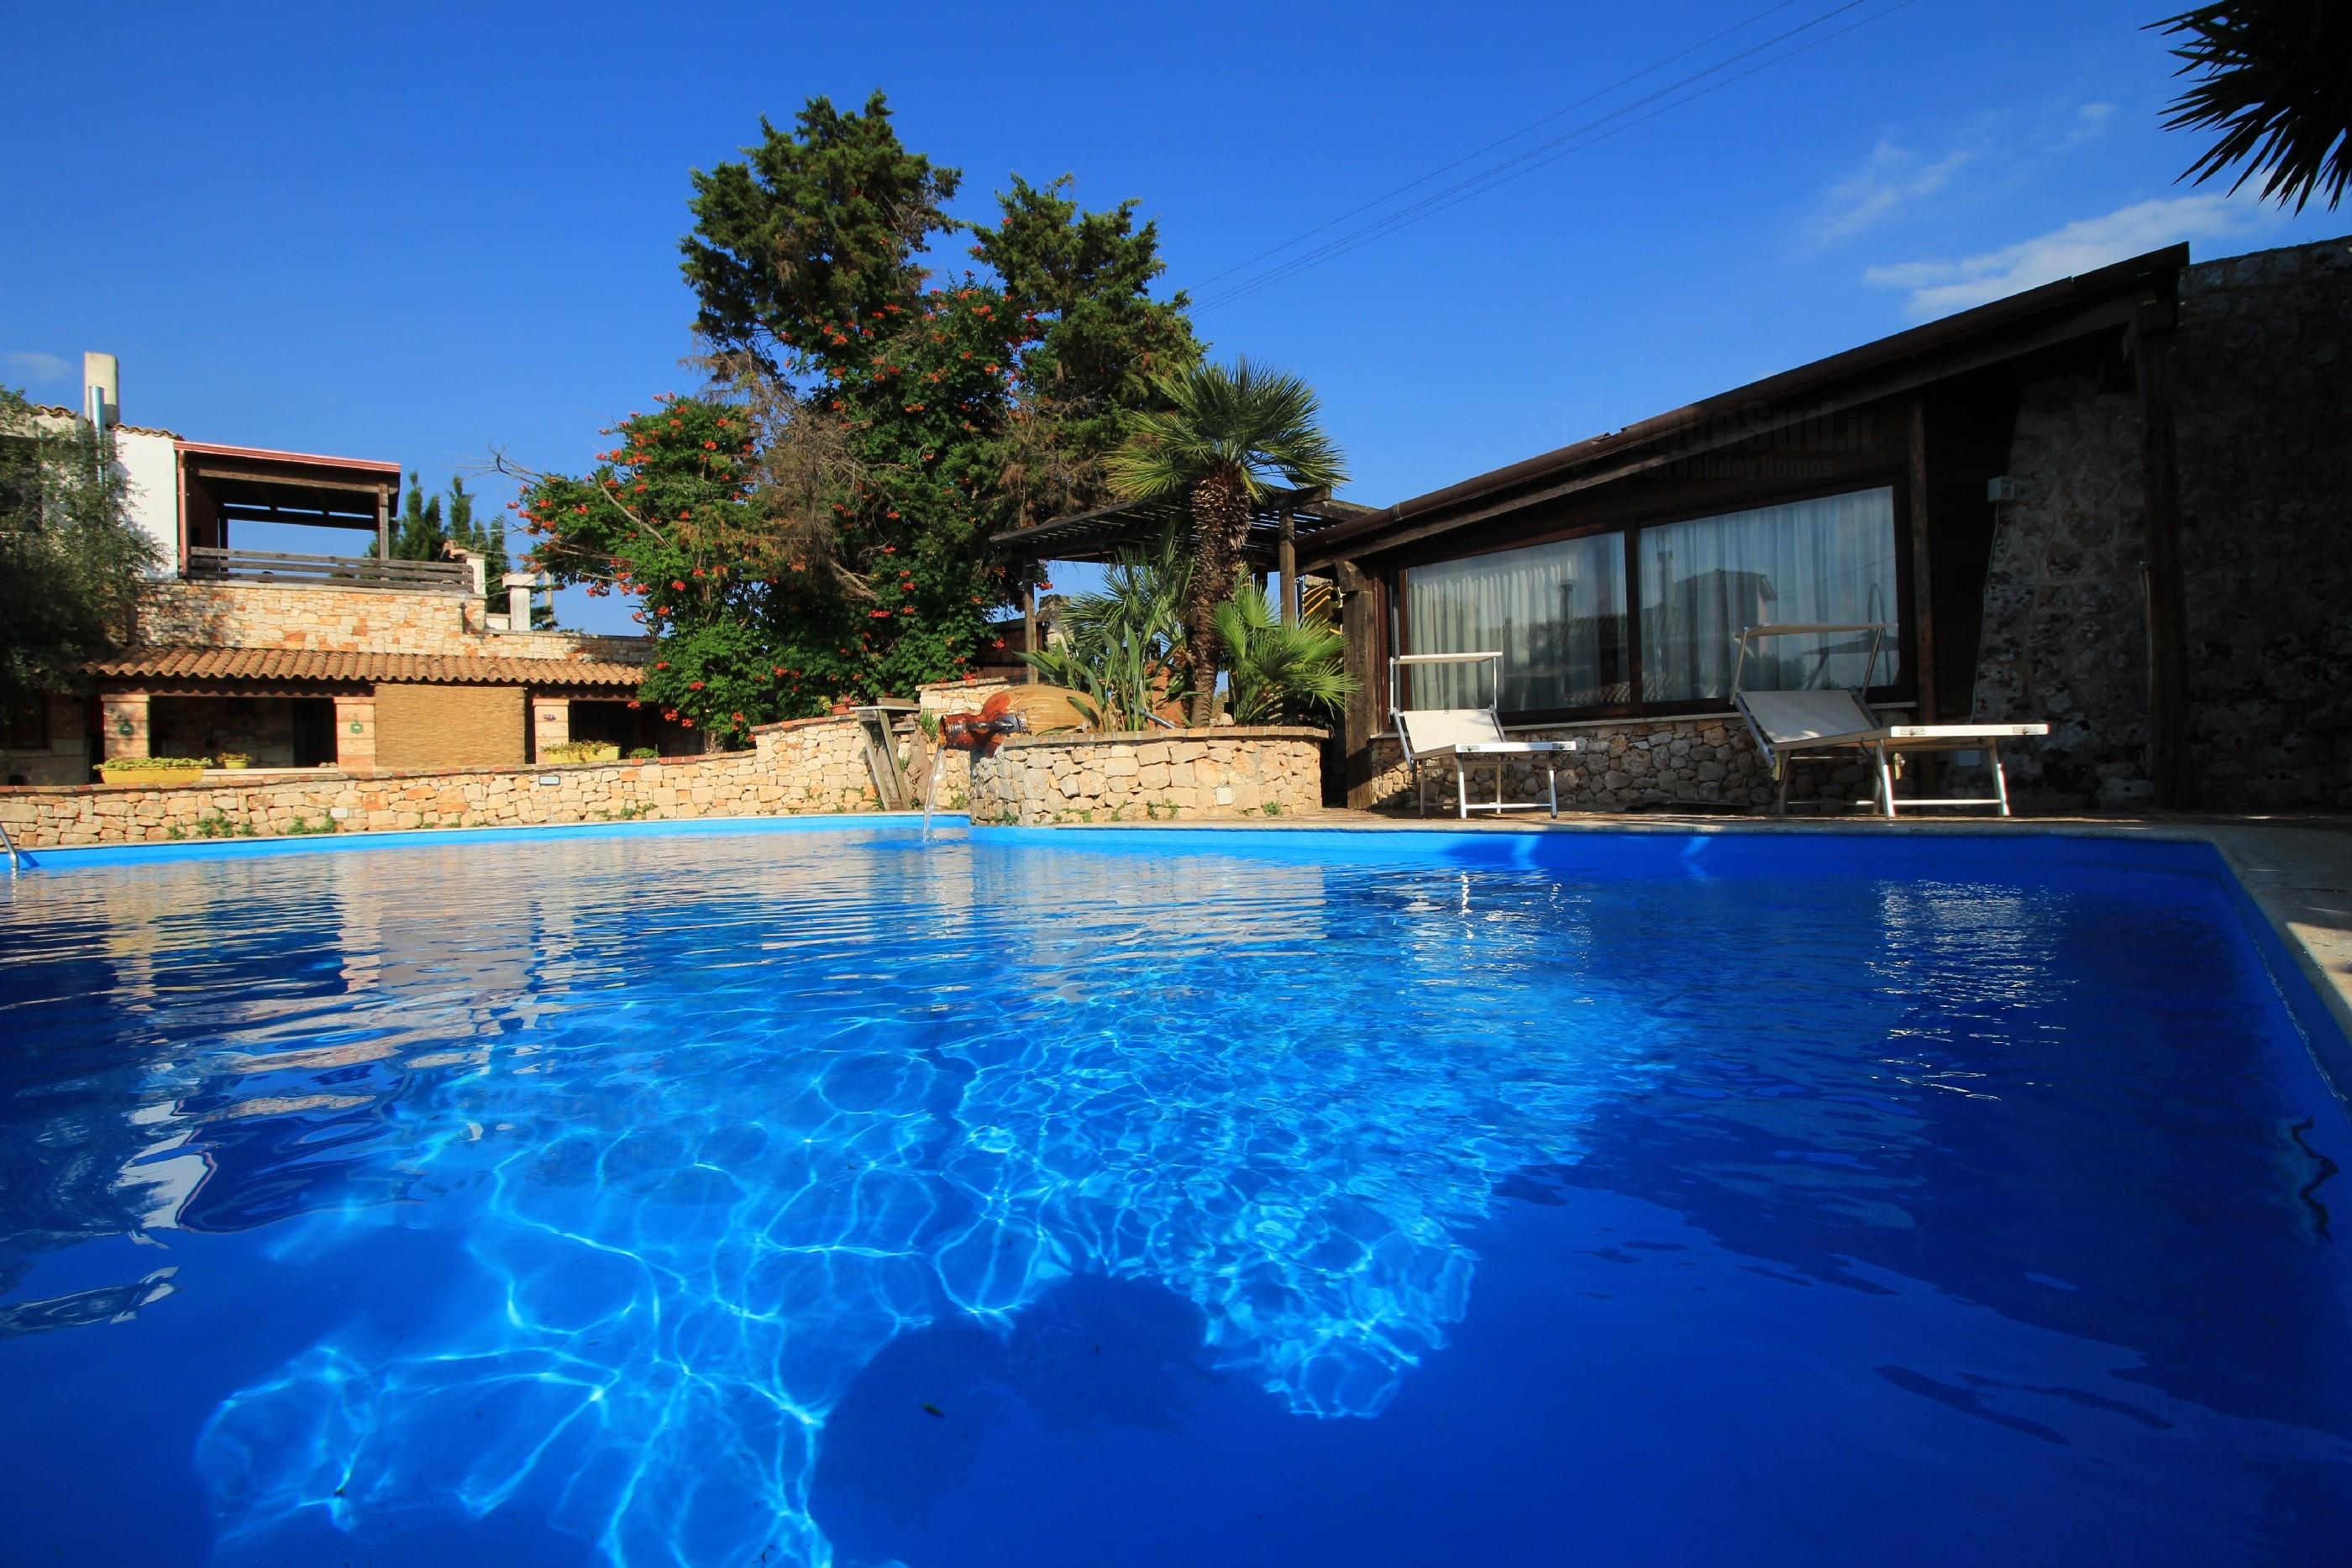 Merlo Trullo con piscina photo 20112686